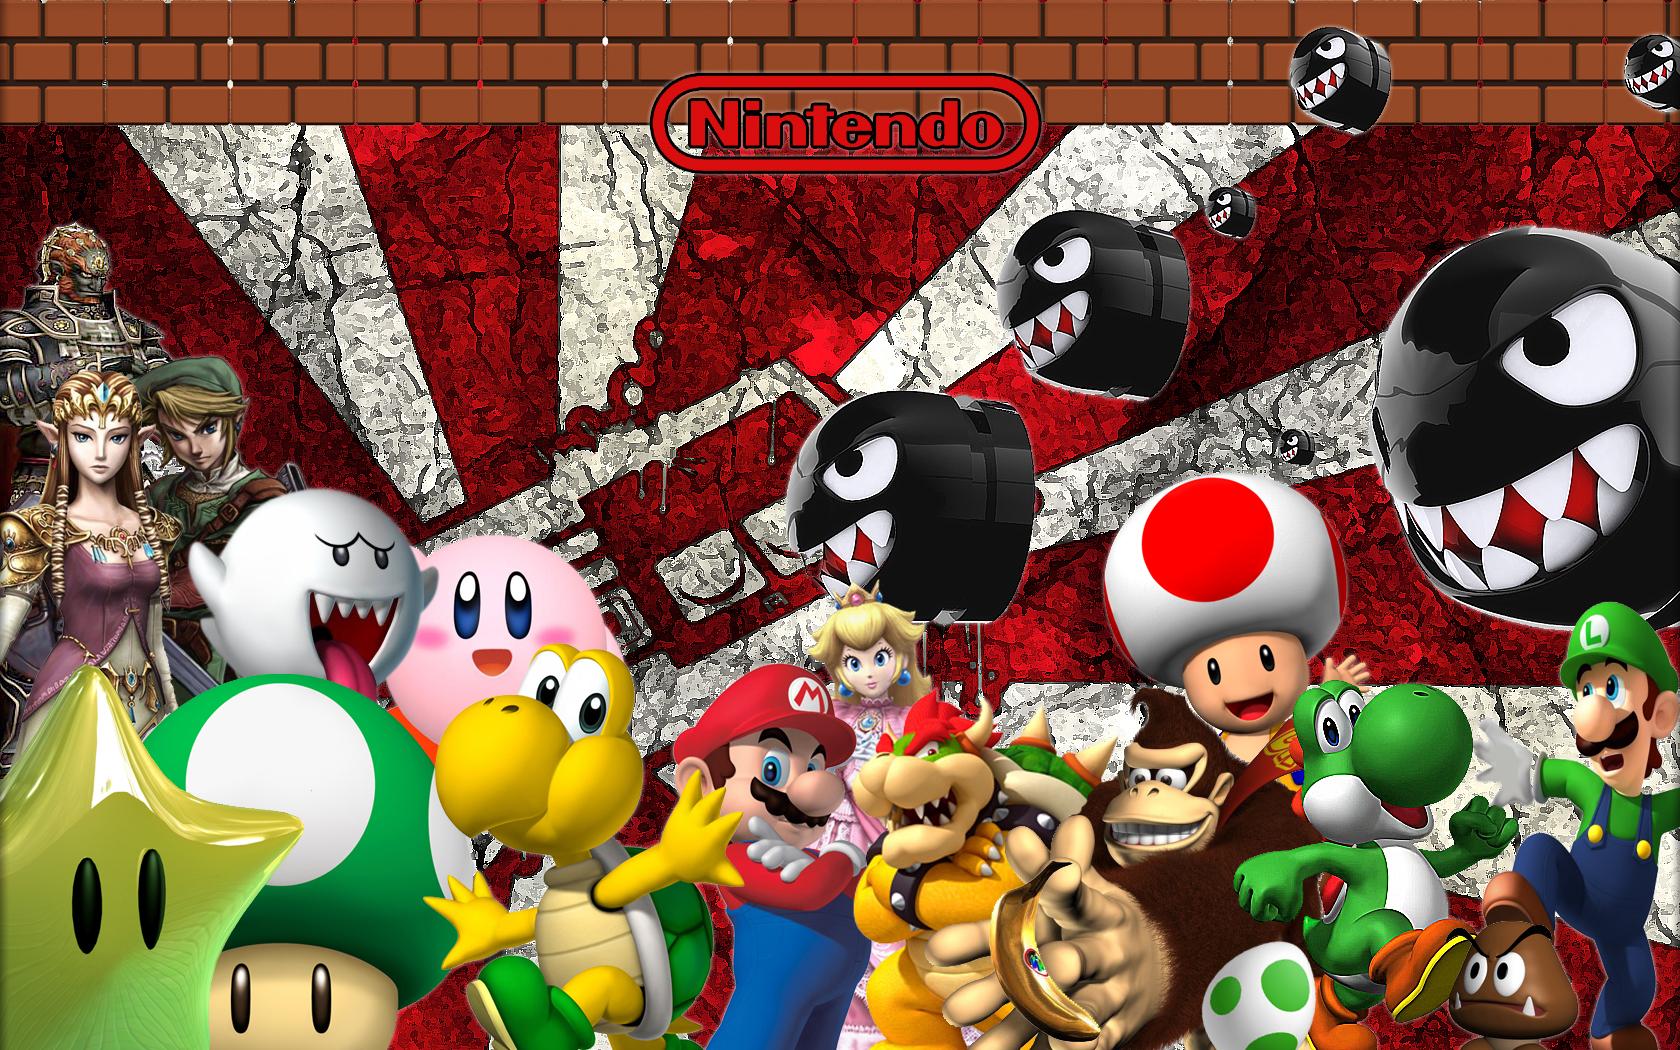 Nintendo hd wallpapers wallpapersafari - Nes wallpaper ...